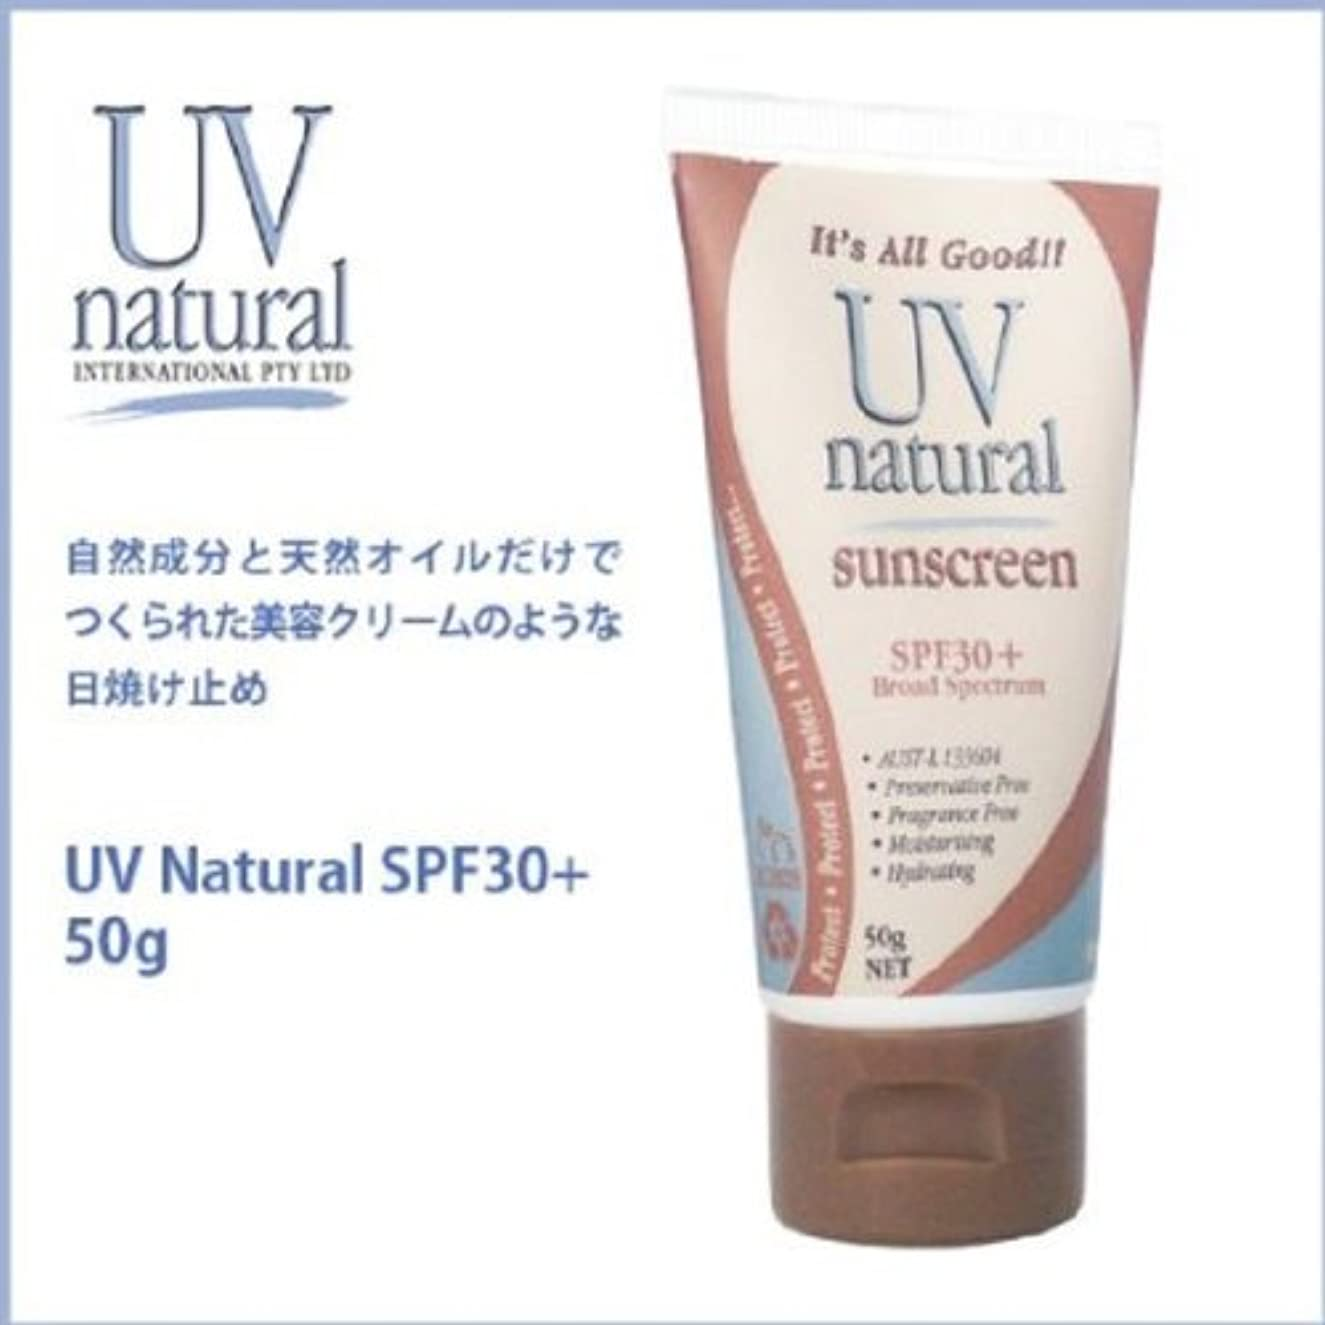 買い手マンハッタンめったに【UV NATURAL】日焼け止め Natural SPF30+ 50g 3本セット